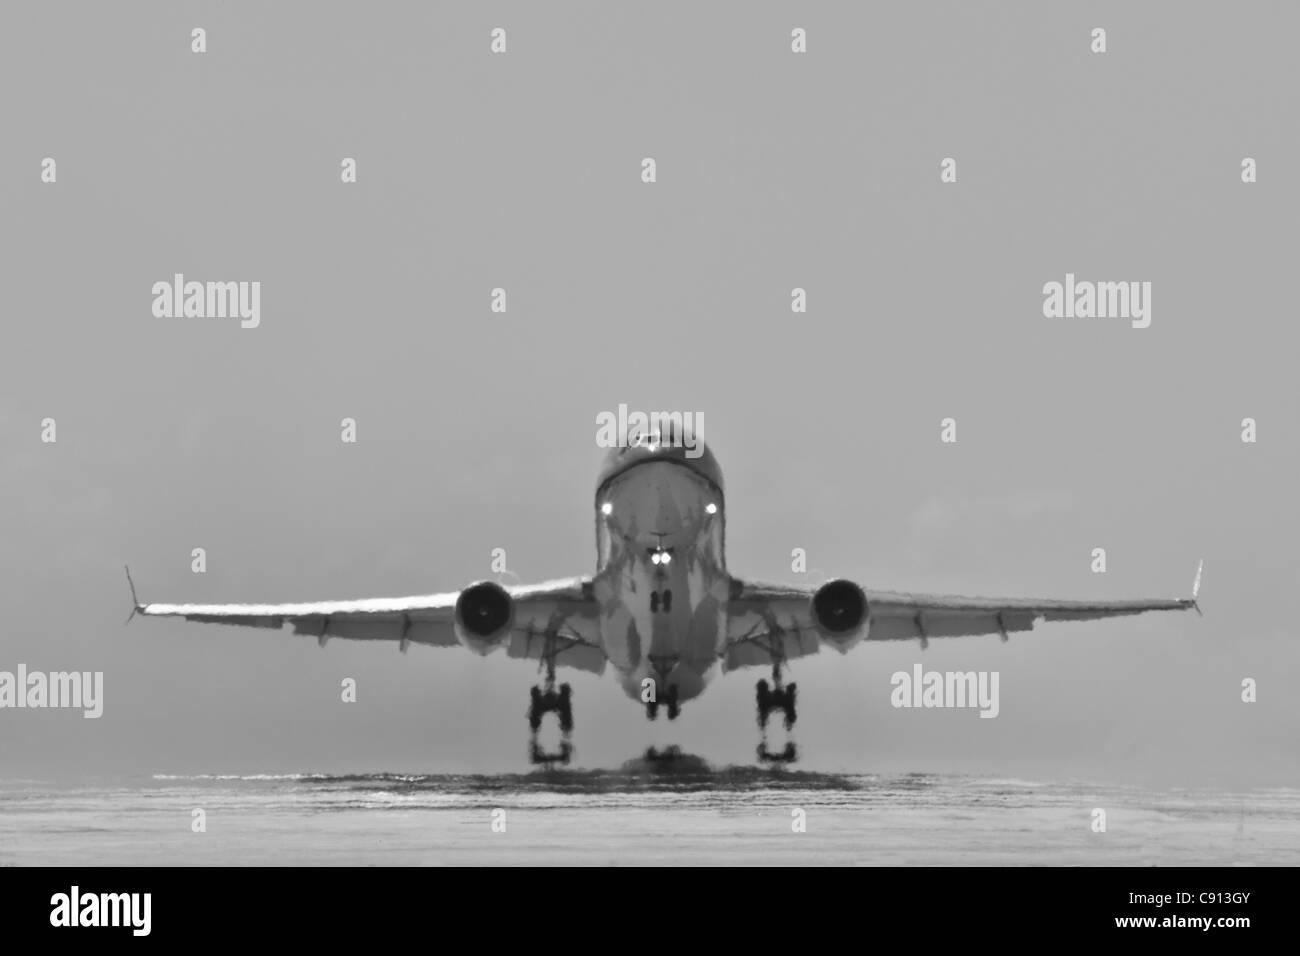 La isla de Bonaire, Caribe Holandés, Kralendijk, KLM Douglas DC-10, avión despegando desde Flamingo Airport. Imagen De Stock